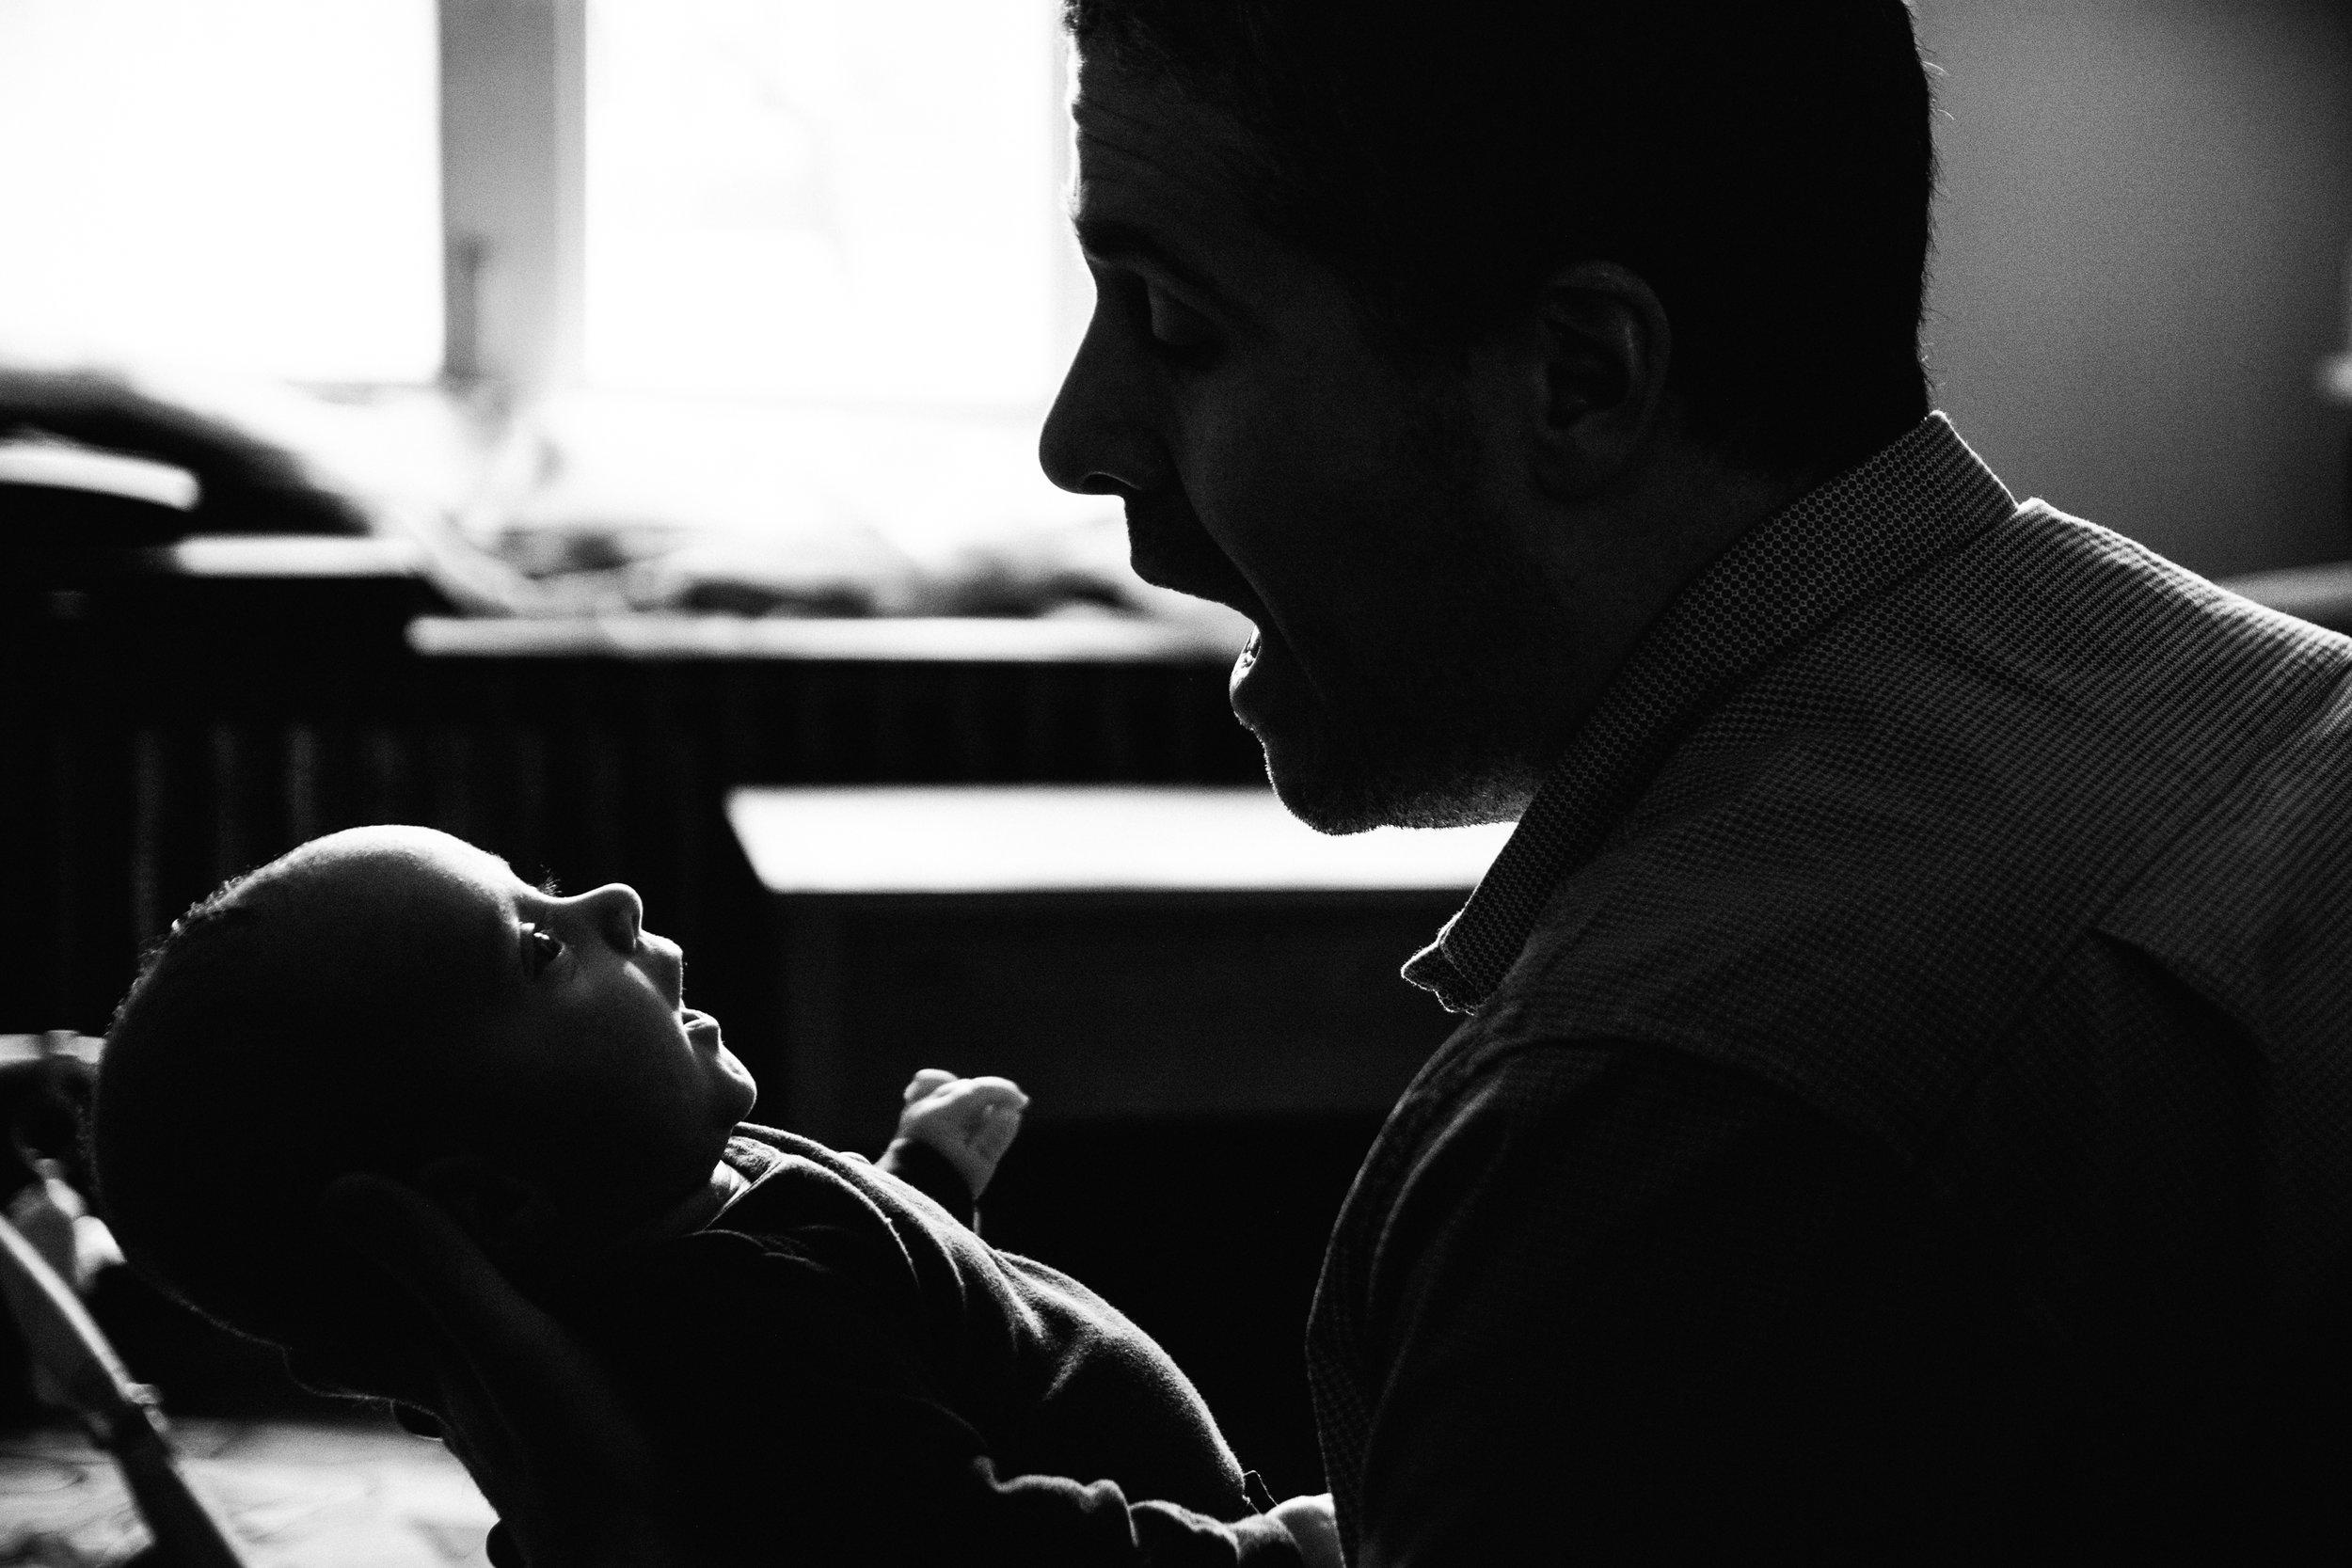 photo-noir-et-blanc-d-un-papa-qui-parle-a-son-bebe-photographe-lifestyle-de-famille-et-nouveau-ne-a-montreal-marianne-charland-54.jpg